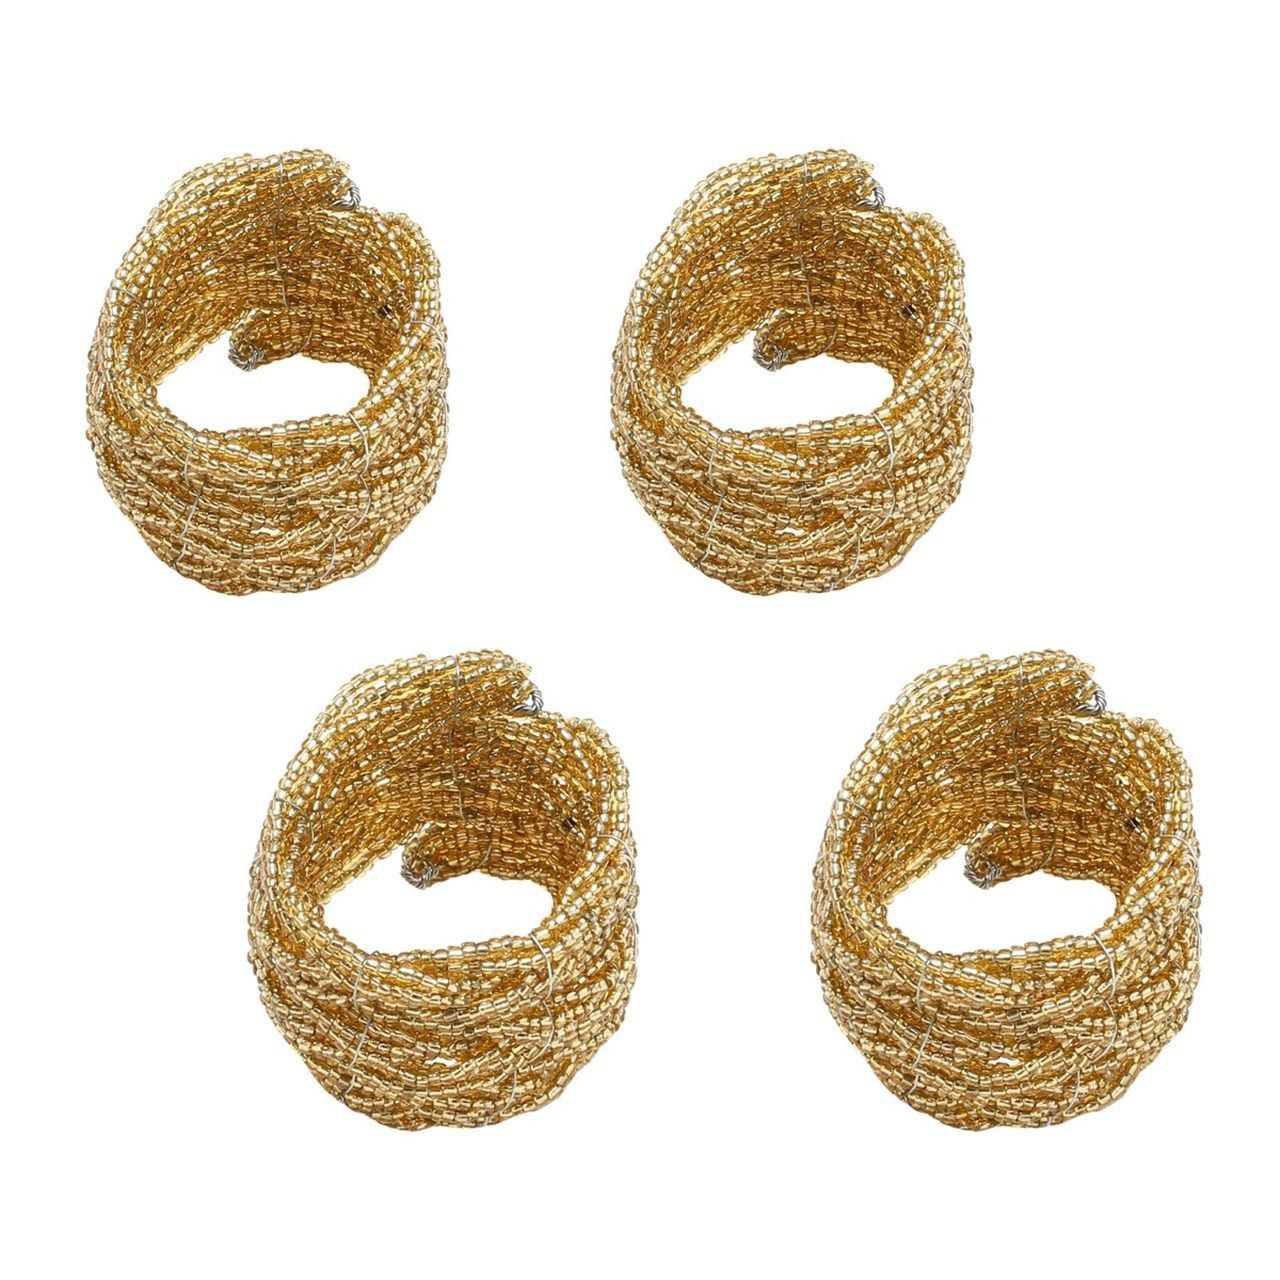 Jogo 4 anéis para guardanapo de miçanga Gold Bon Gourmet - 4042